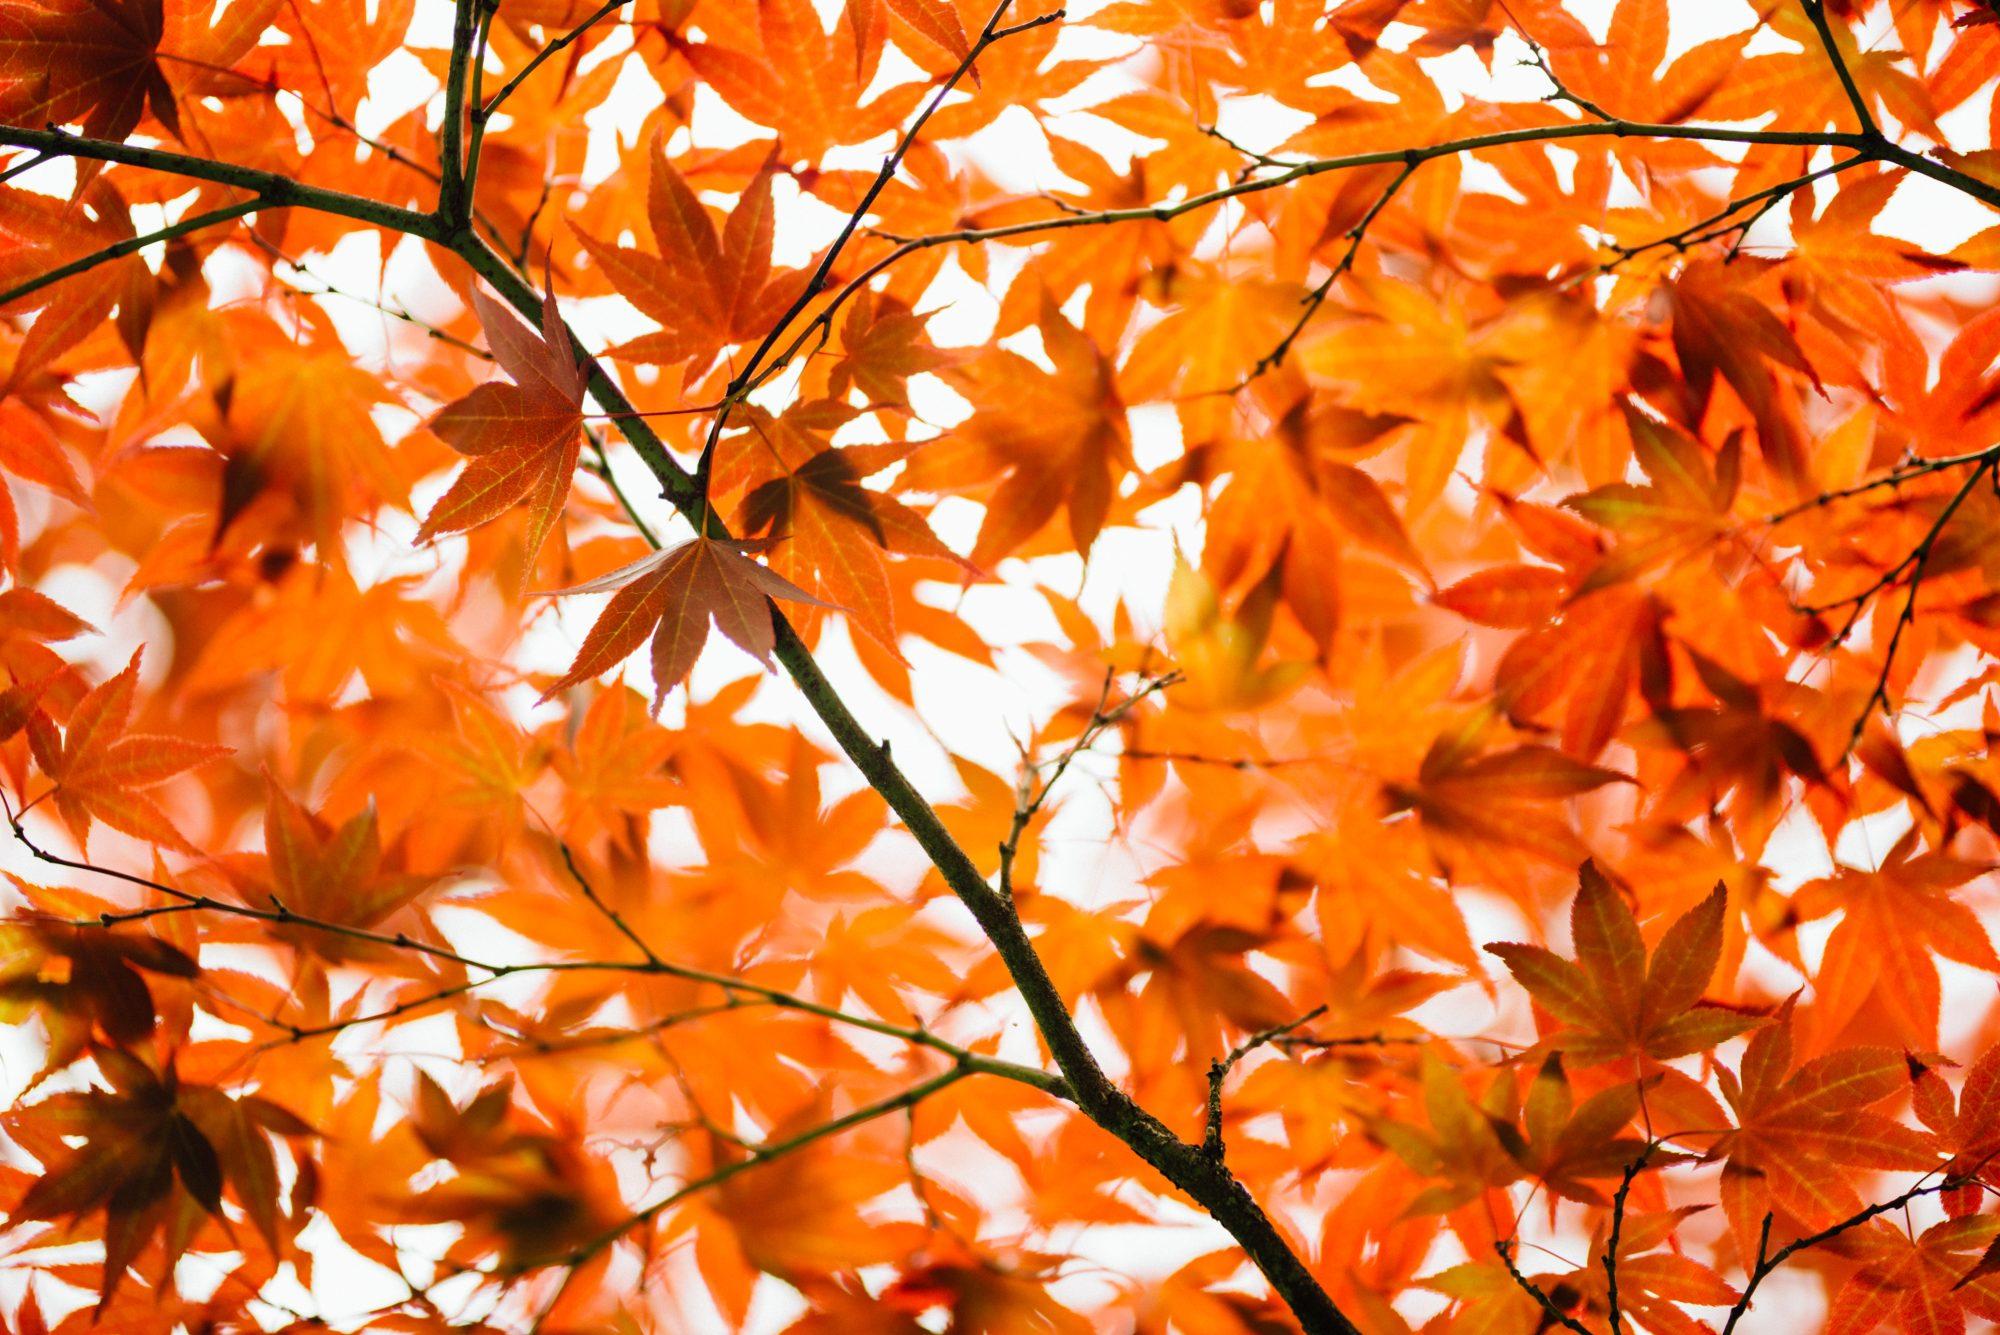 Zoals de bladeren aan deze boom, zijn we allemaal met elkaar verbonden. Nog meer verbondenheid  kun je onder andere ervaren in een compassietraining.